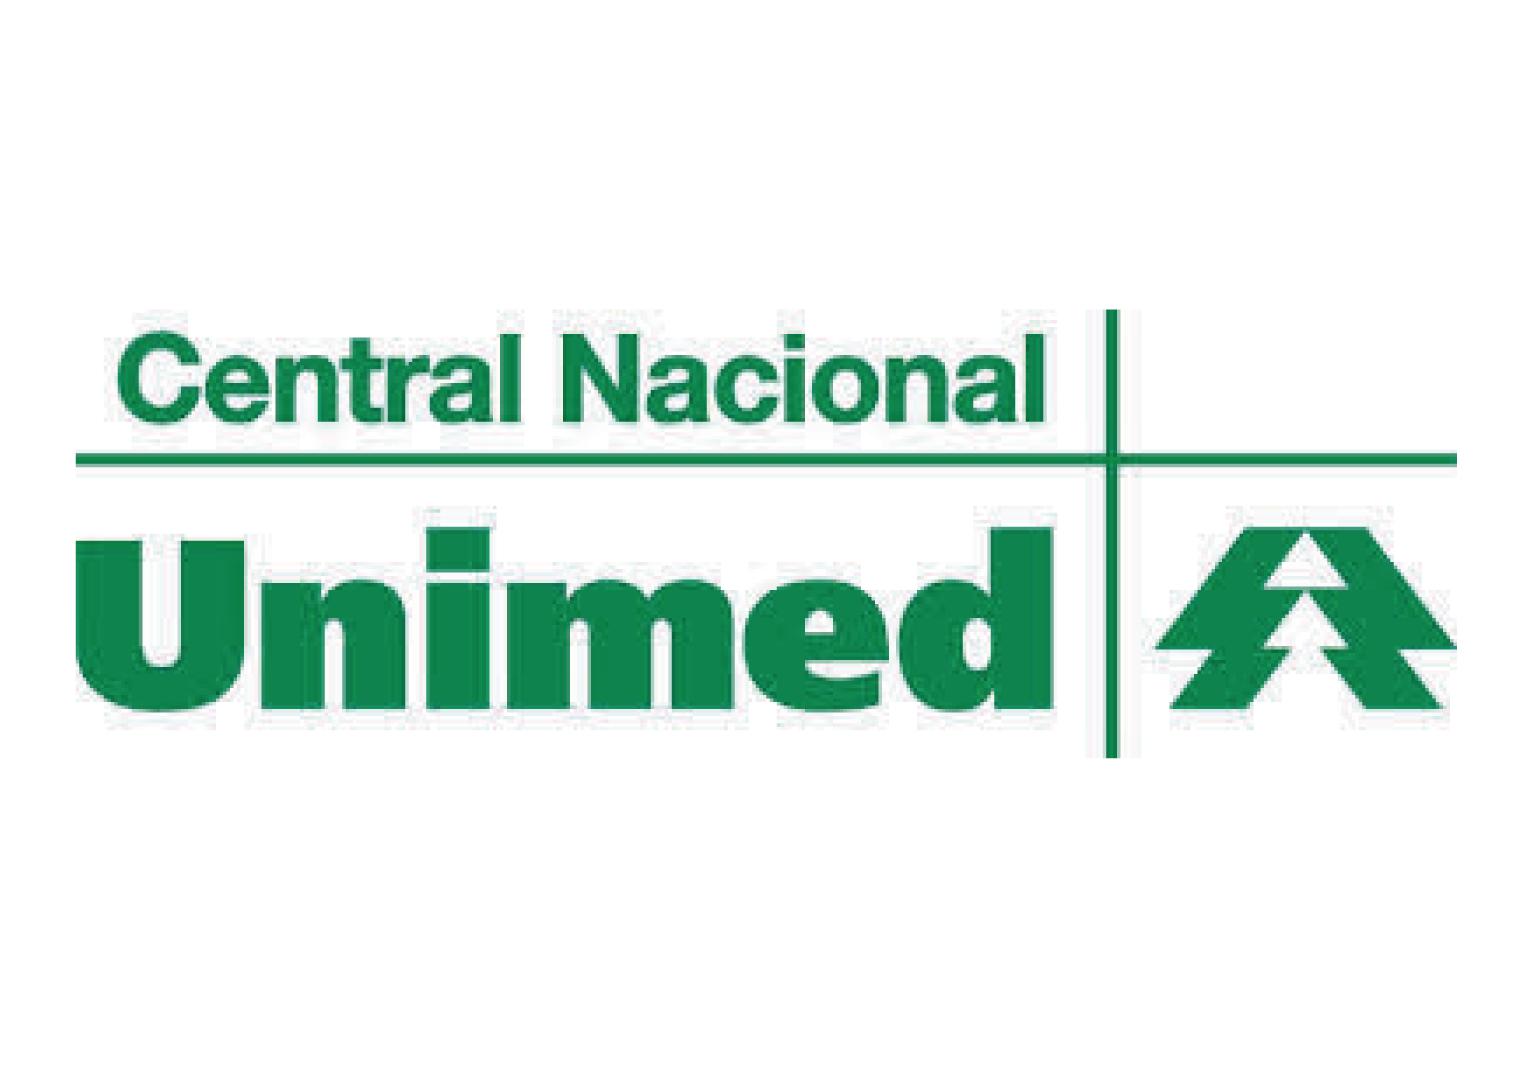 logo-unimed-nacional-corretora-de-seguros